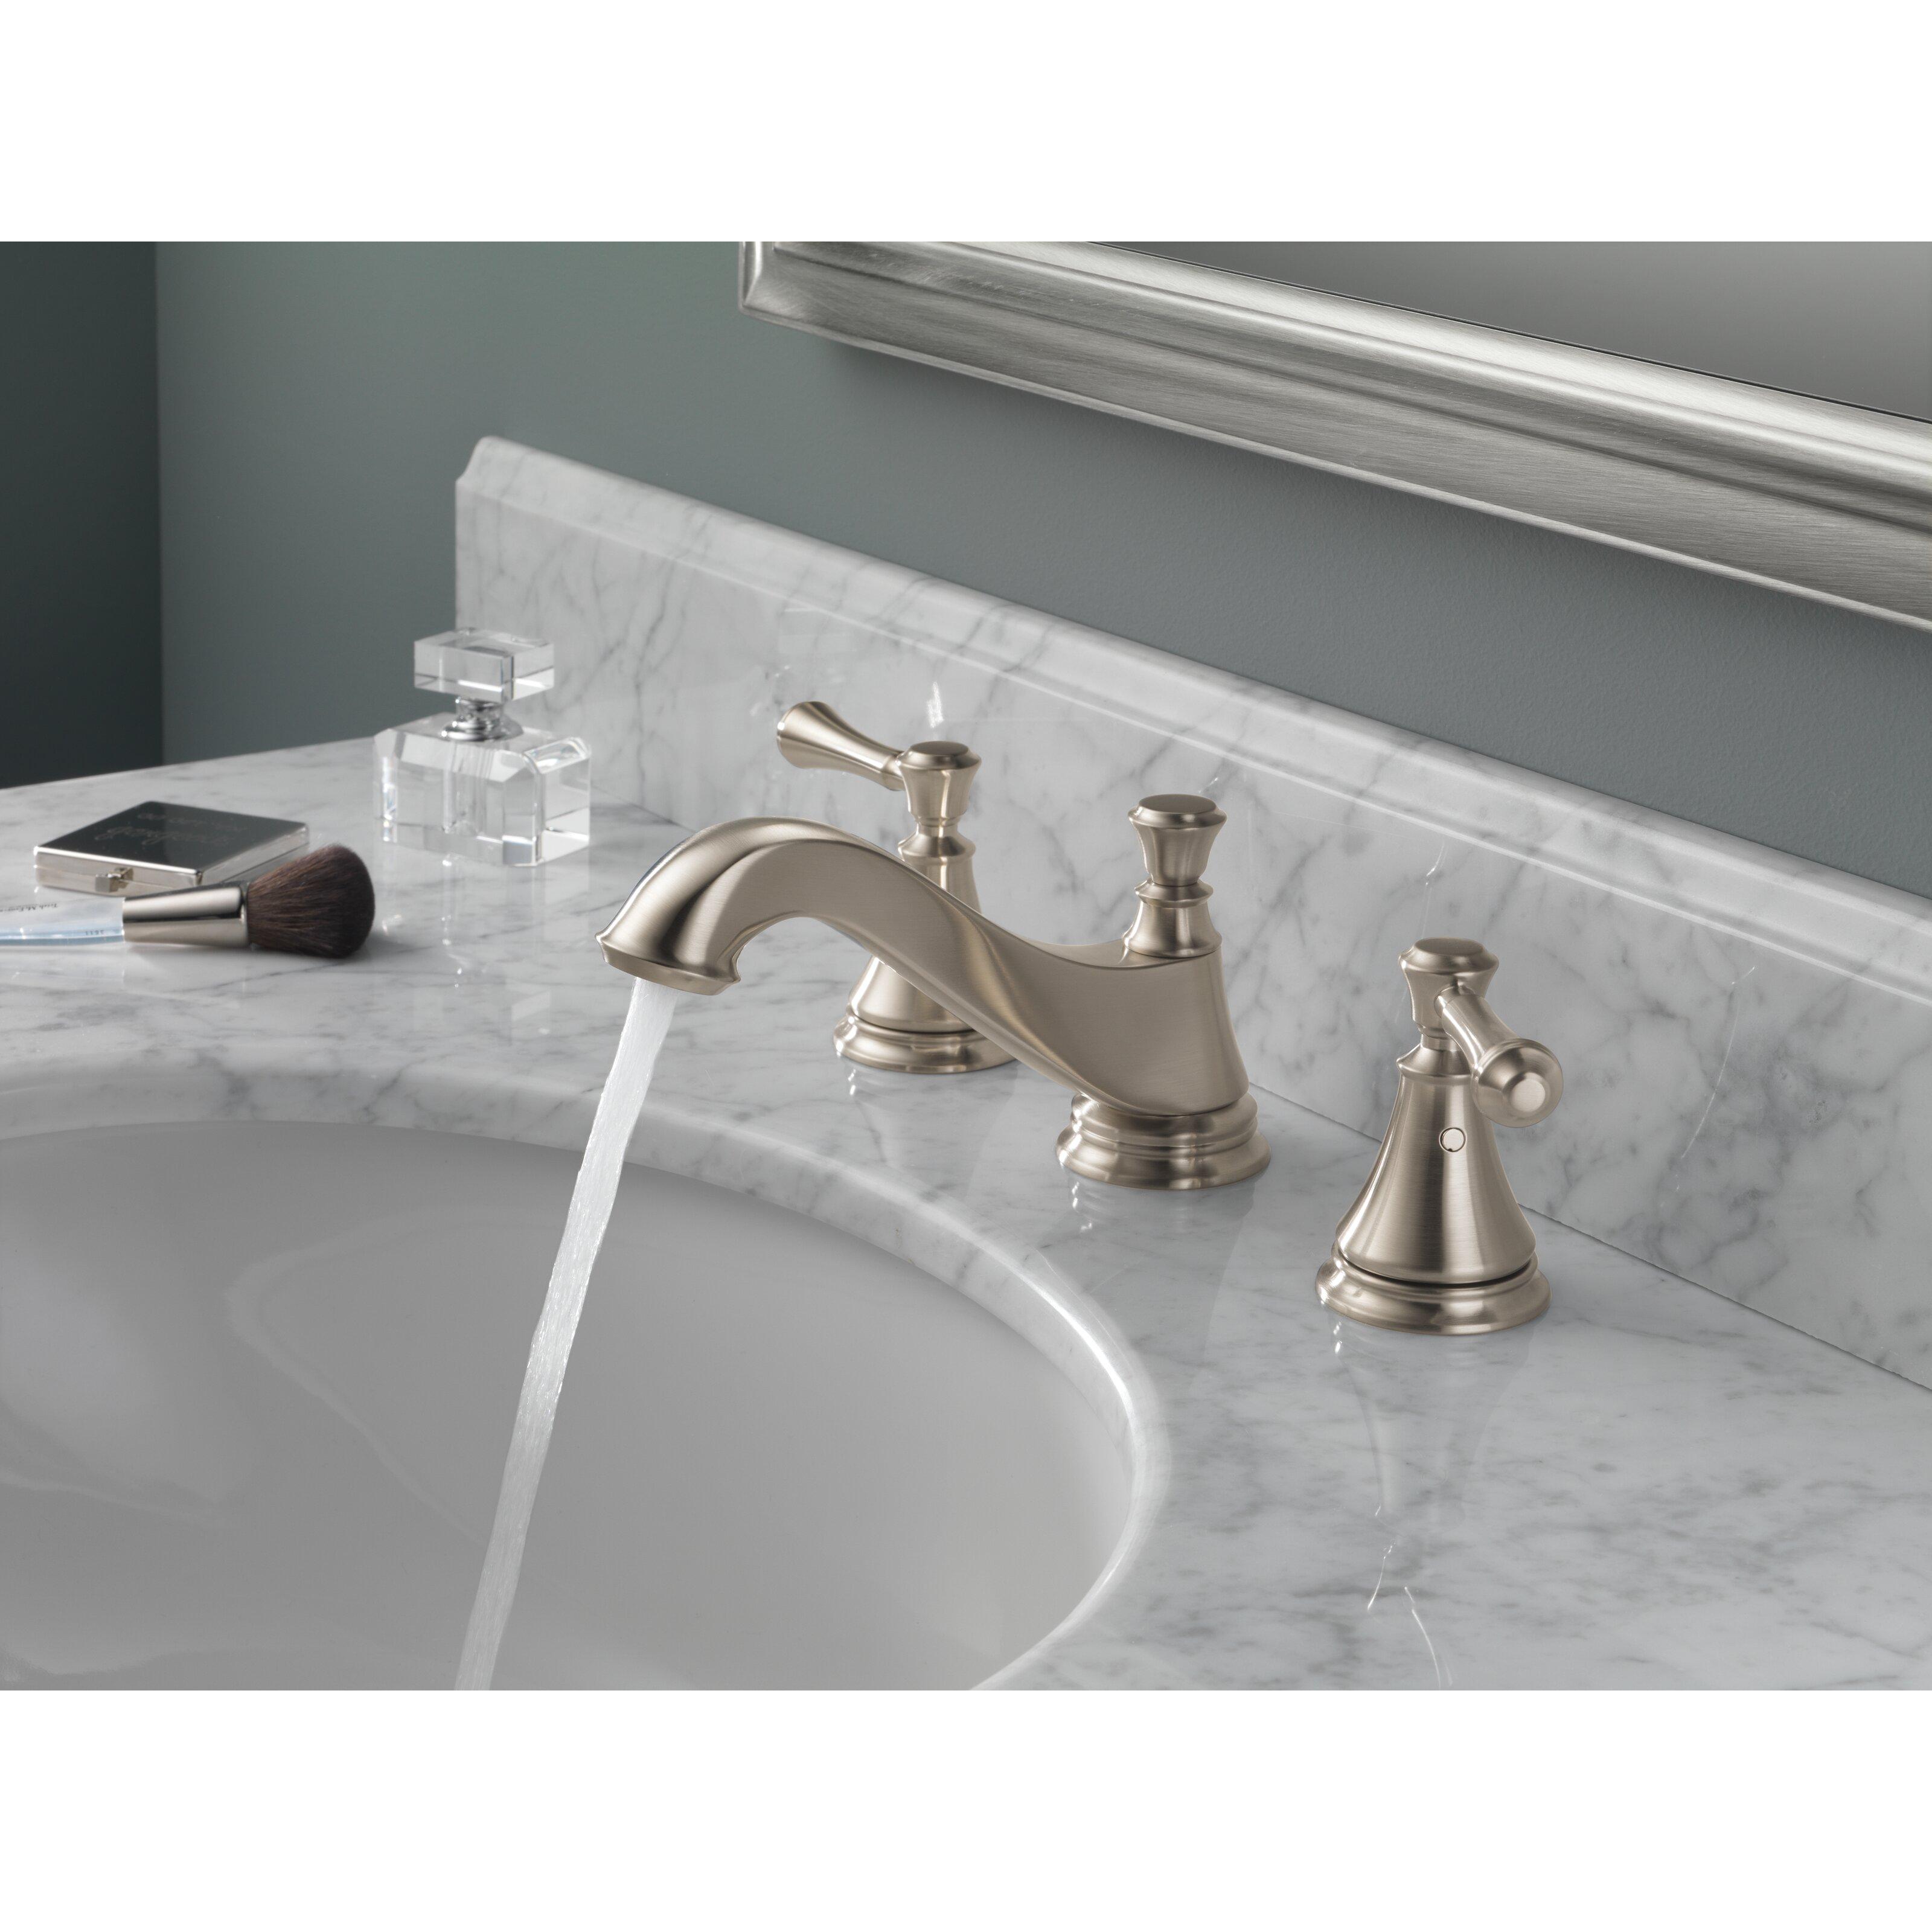 Delta Cassidy Double Handle Widespread Bathroom Faucet